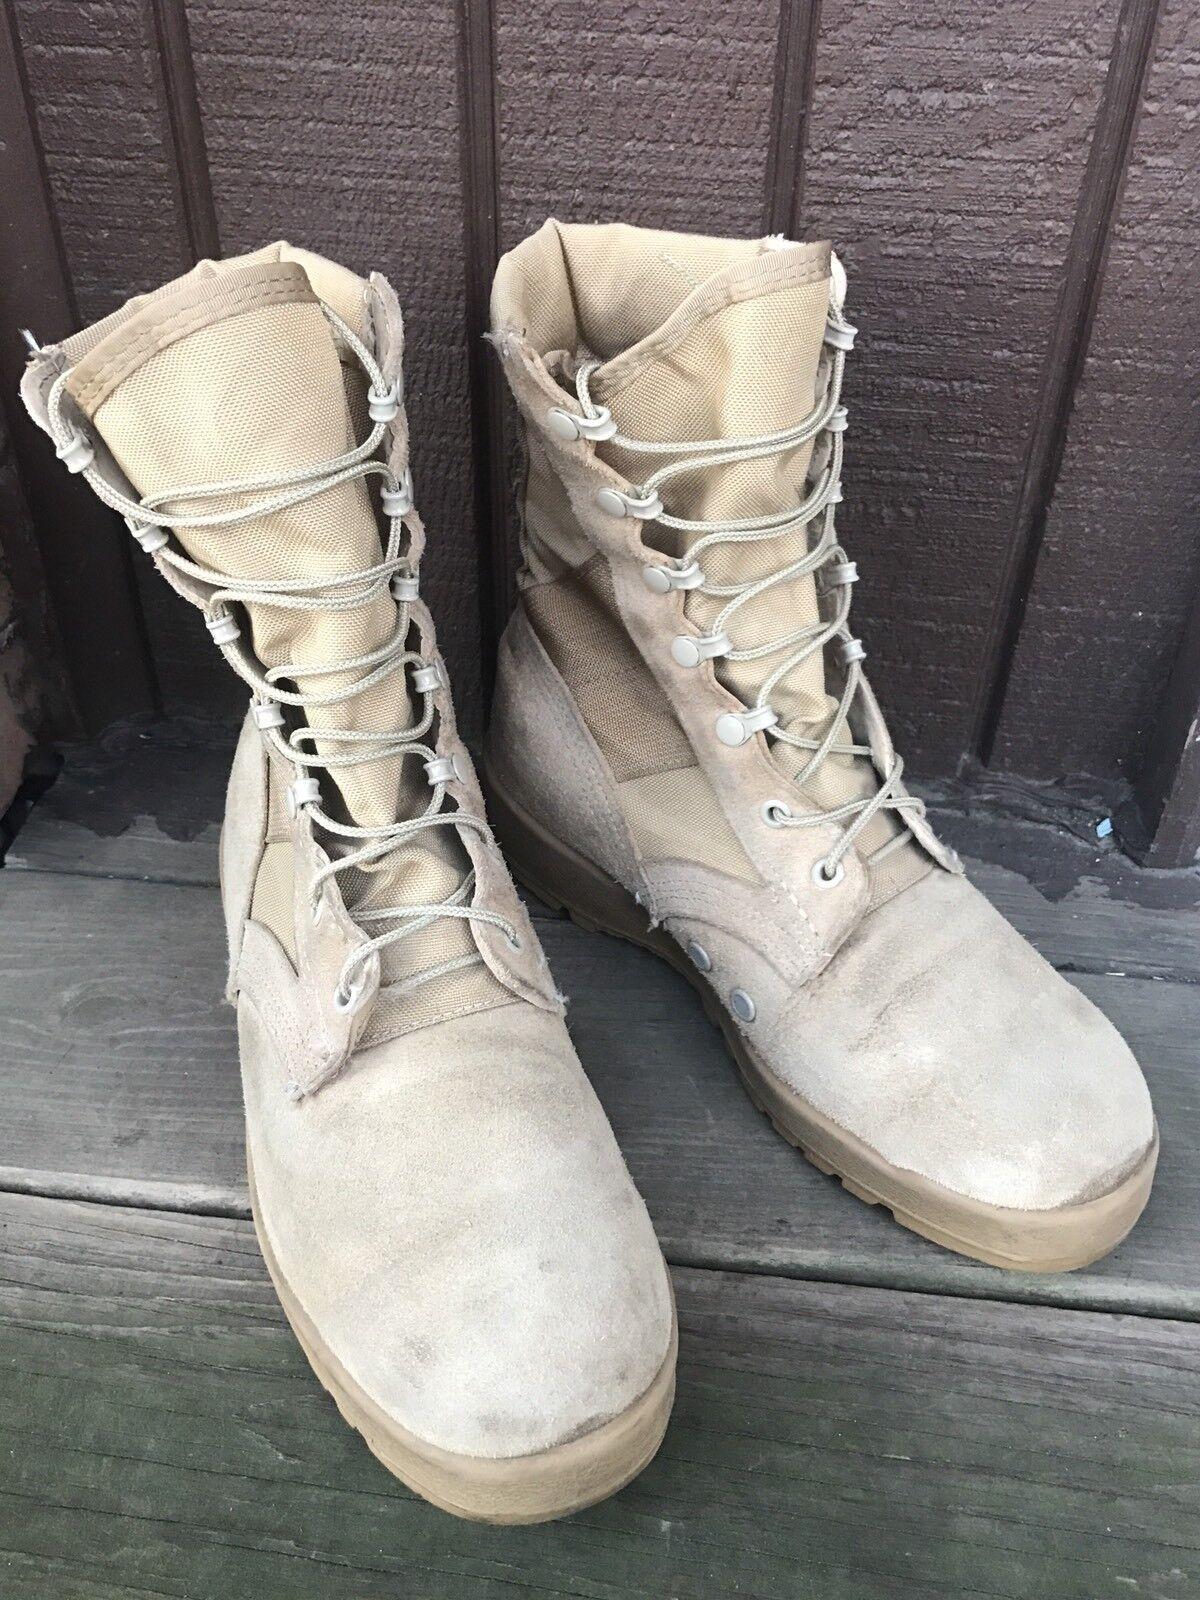 Uomo McRae 7W Footwear DesertTan Pelle Sz 7W McRae 8